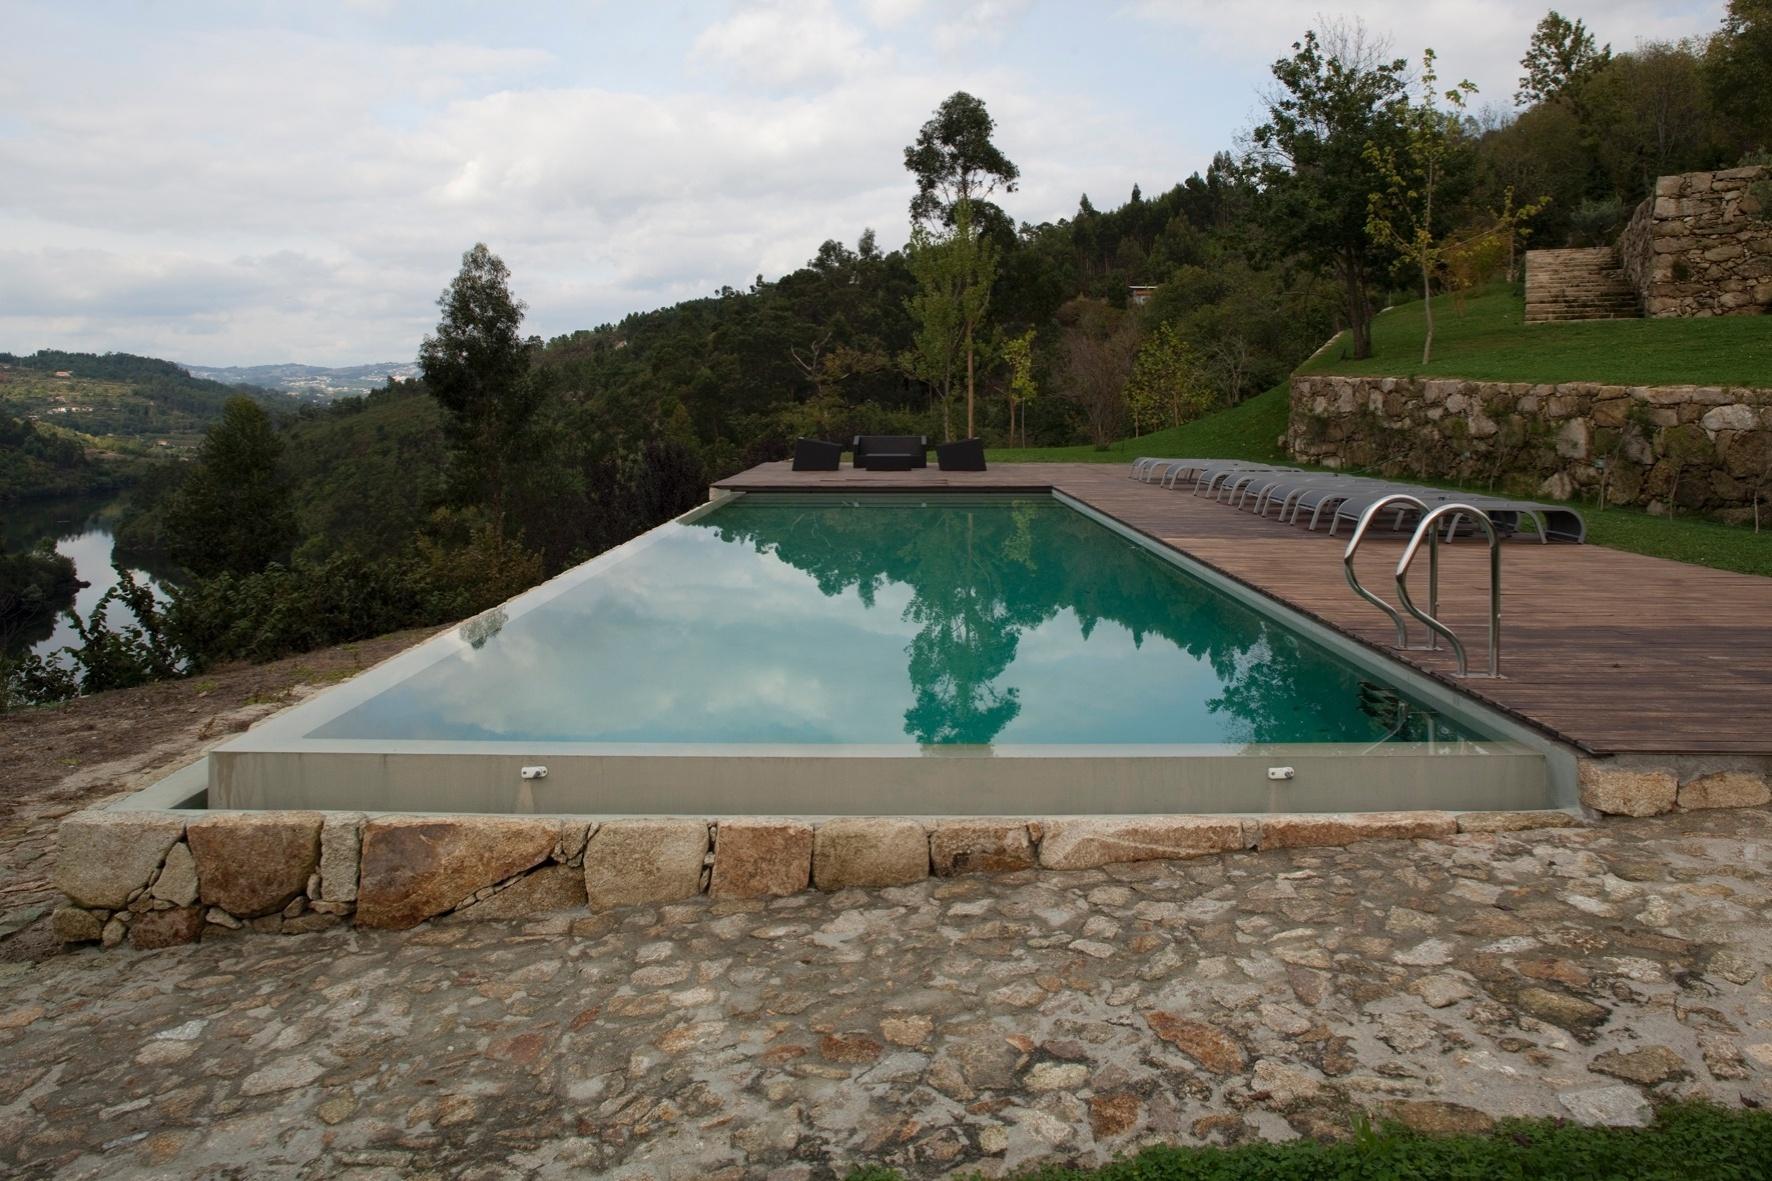 Tirando proveito do relevo acidentado, a piscina de borda infinita e o deck foram projetados de forma a permitir a seus usuários uma vista panorâmica para o rio Tâmega e os verdes campos. A RF House foi projetada por Nuno Graça Moura em Marco de Canaveses, no norte de Portugal